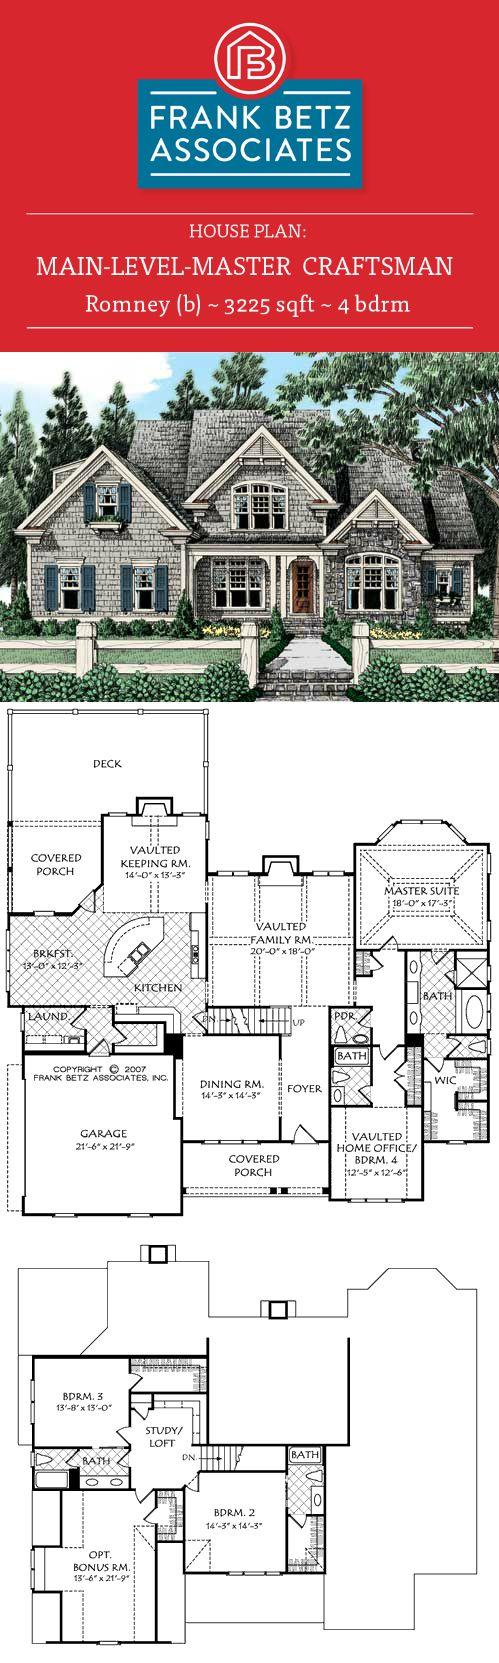 Romney b 3225 sqft 4 bdrm main level master · plans de la maison